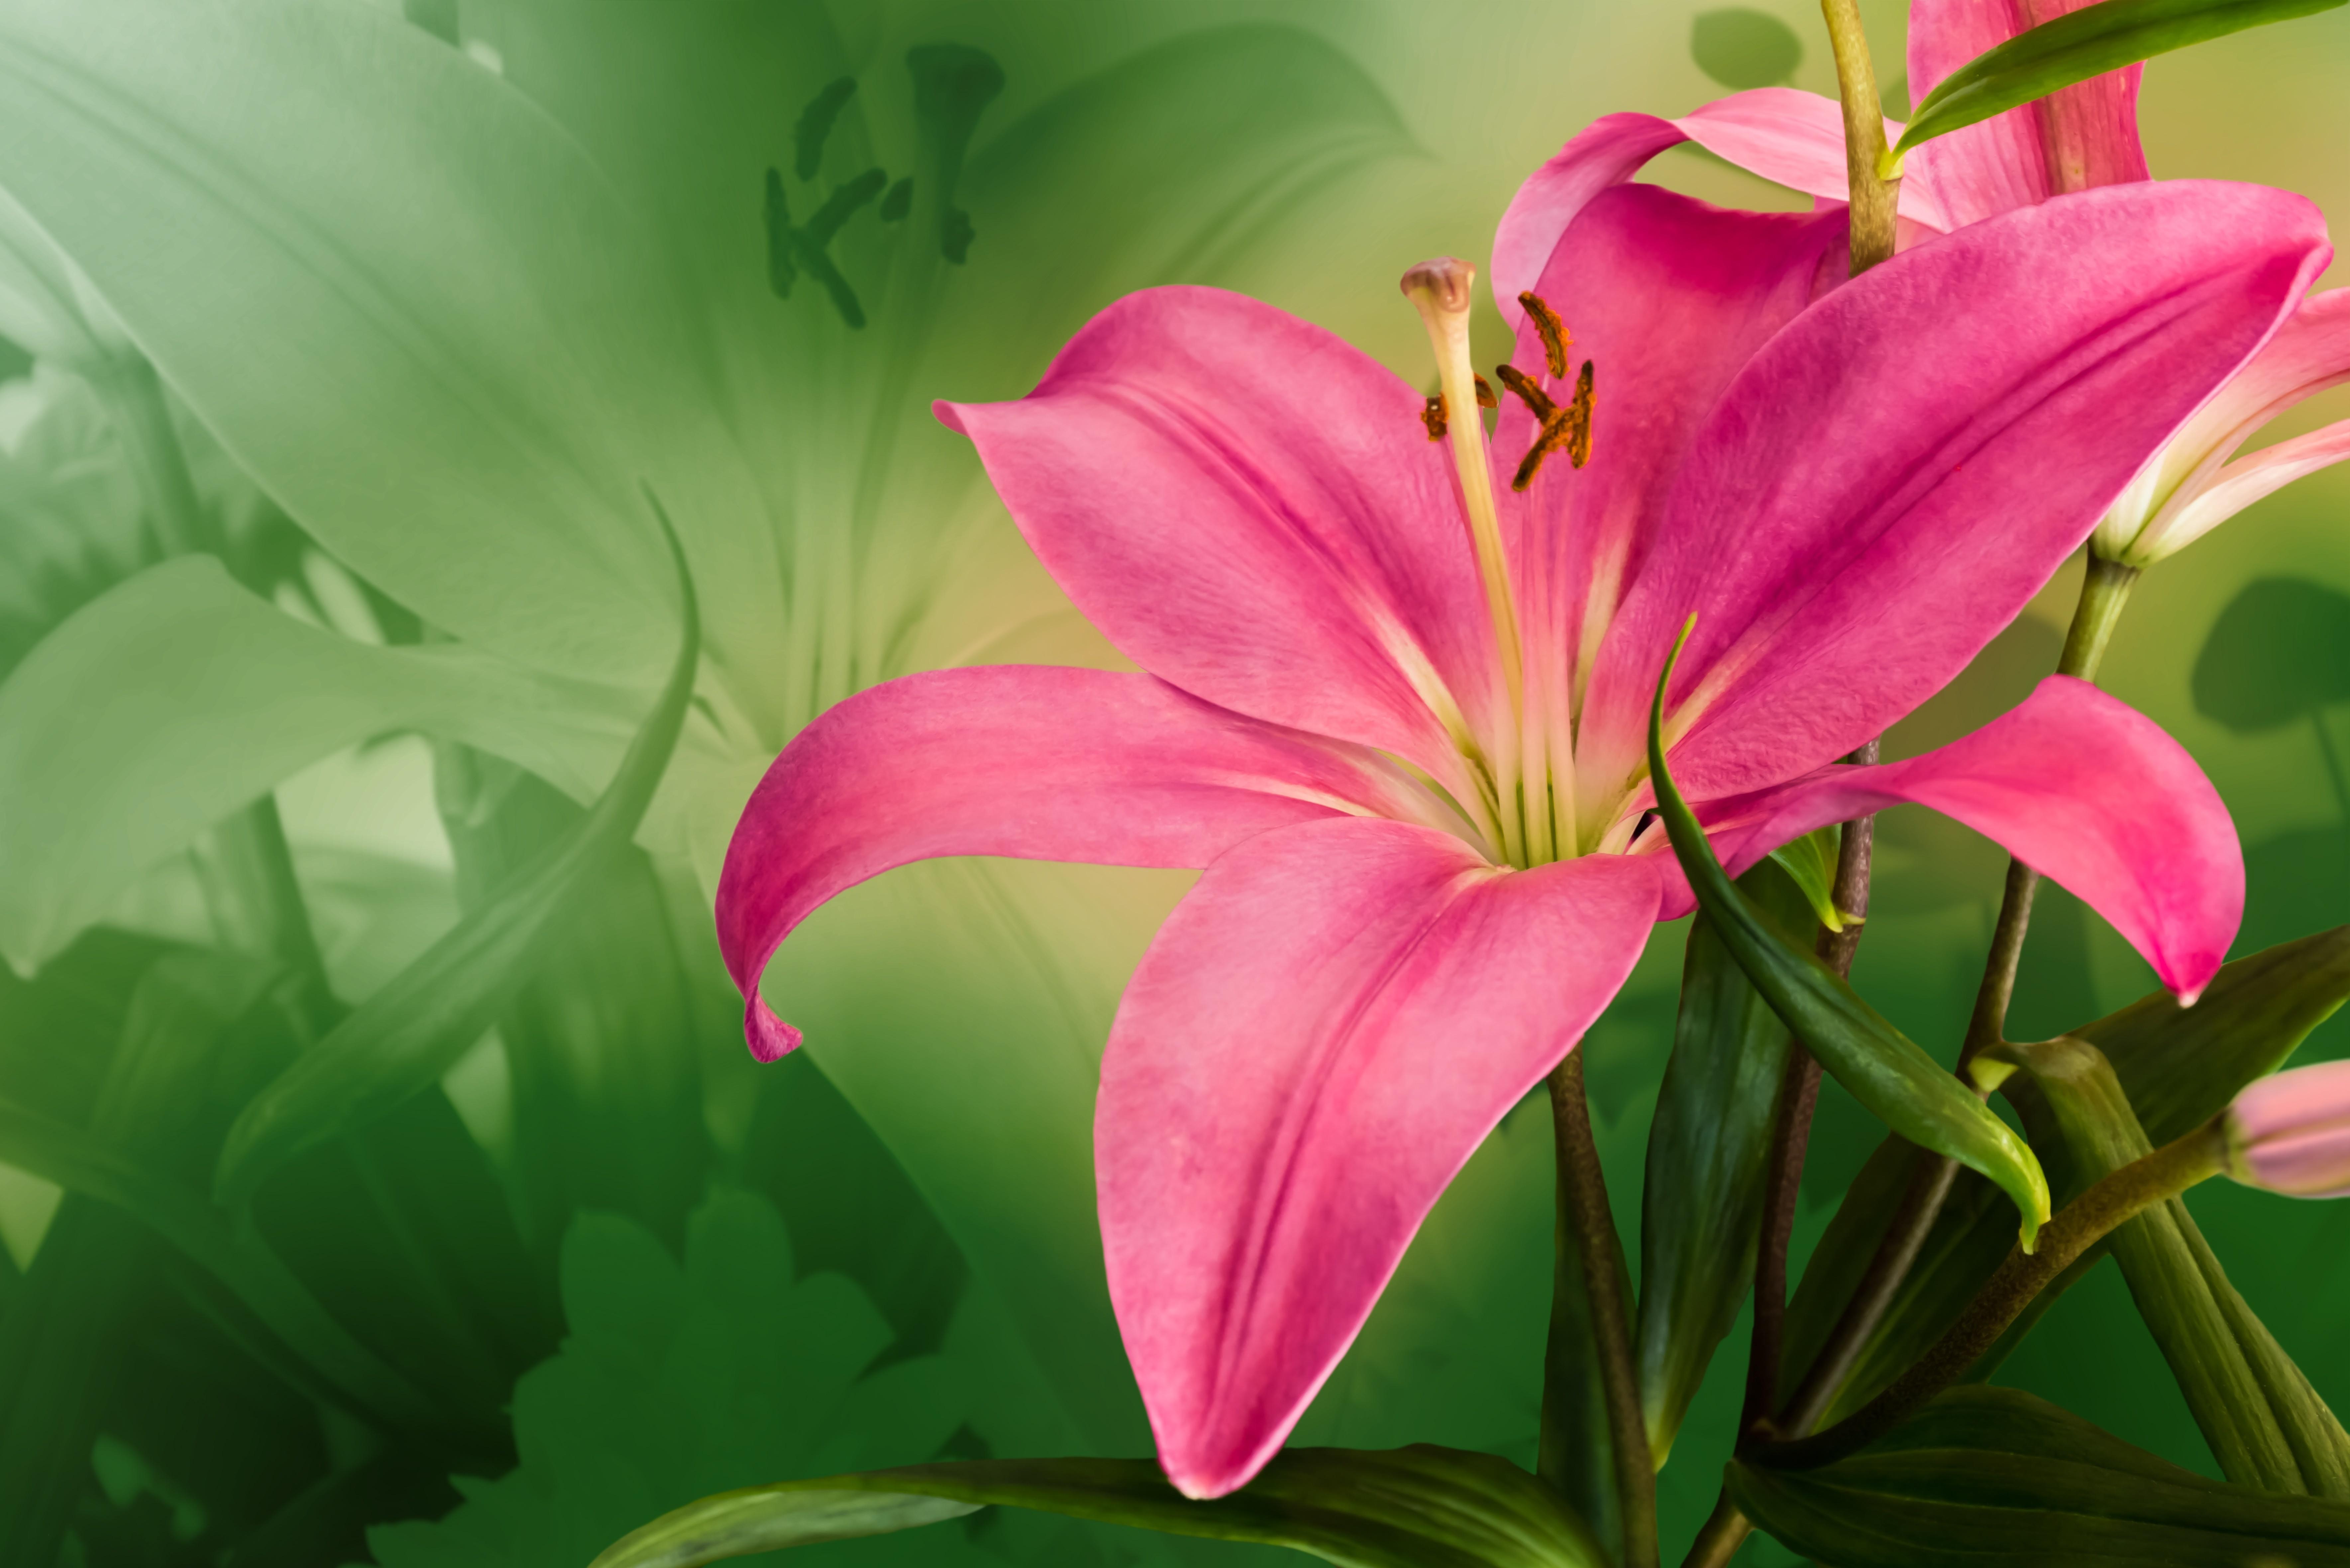 Фото цветы лилии очень красивые, зарубежные